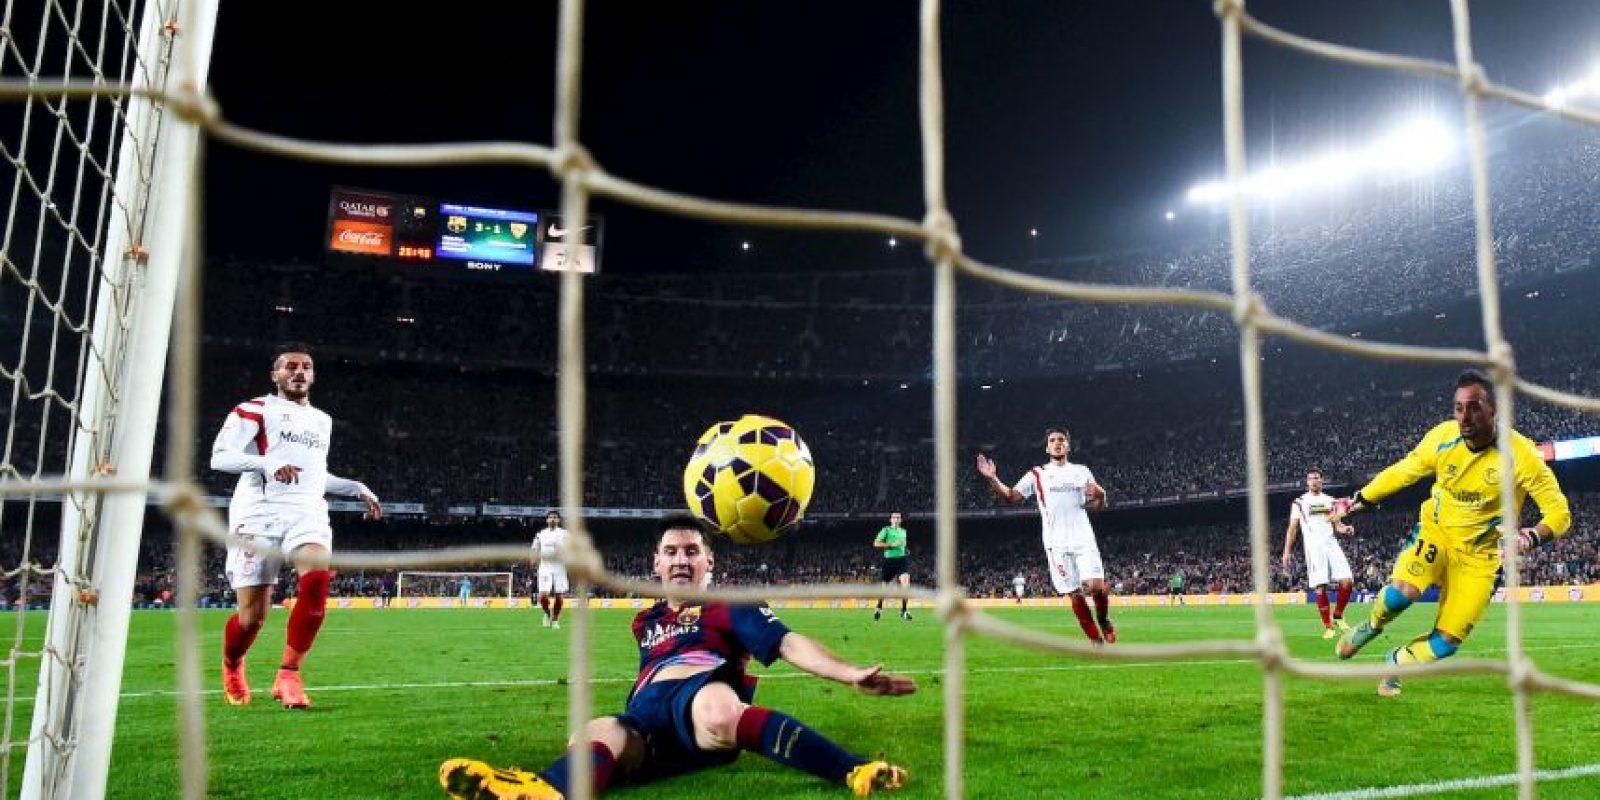 Único jugador que ha sido máximo goleador y máximo asistente en la misma temporada: 50 goles y 15 asistencias (empatado con el madridista Özil) en la Liga 2011/12. Foto:Getty Images